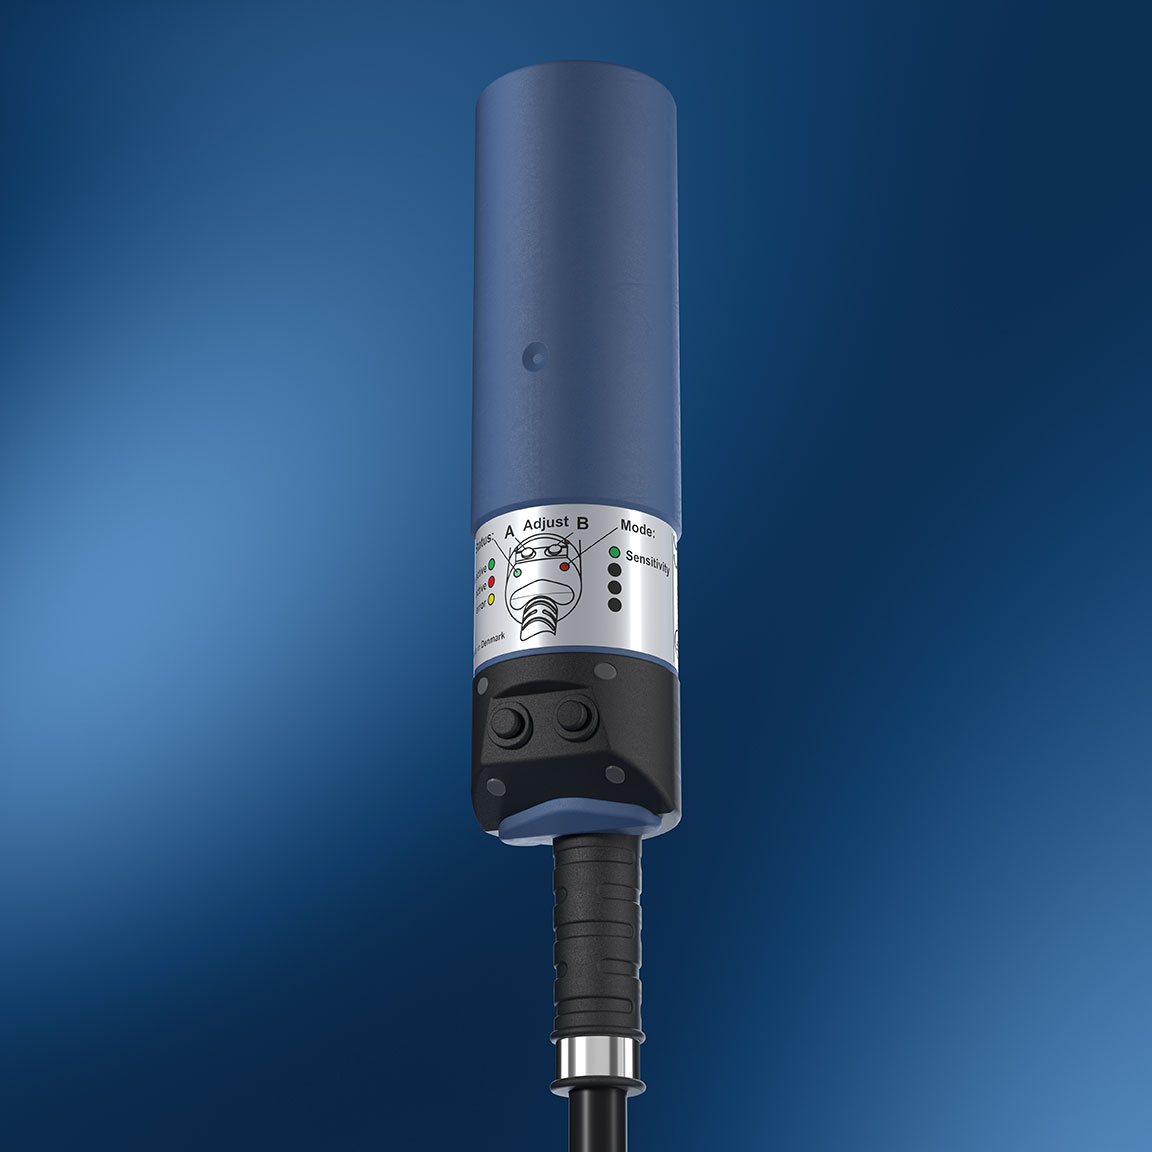 DOL DOL45R PROXIMITY t-SENSOR 90-250 vac  SENSOR NEW